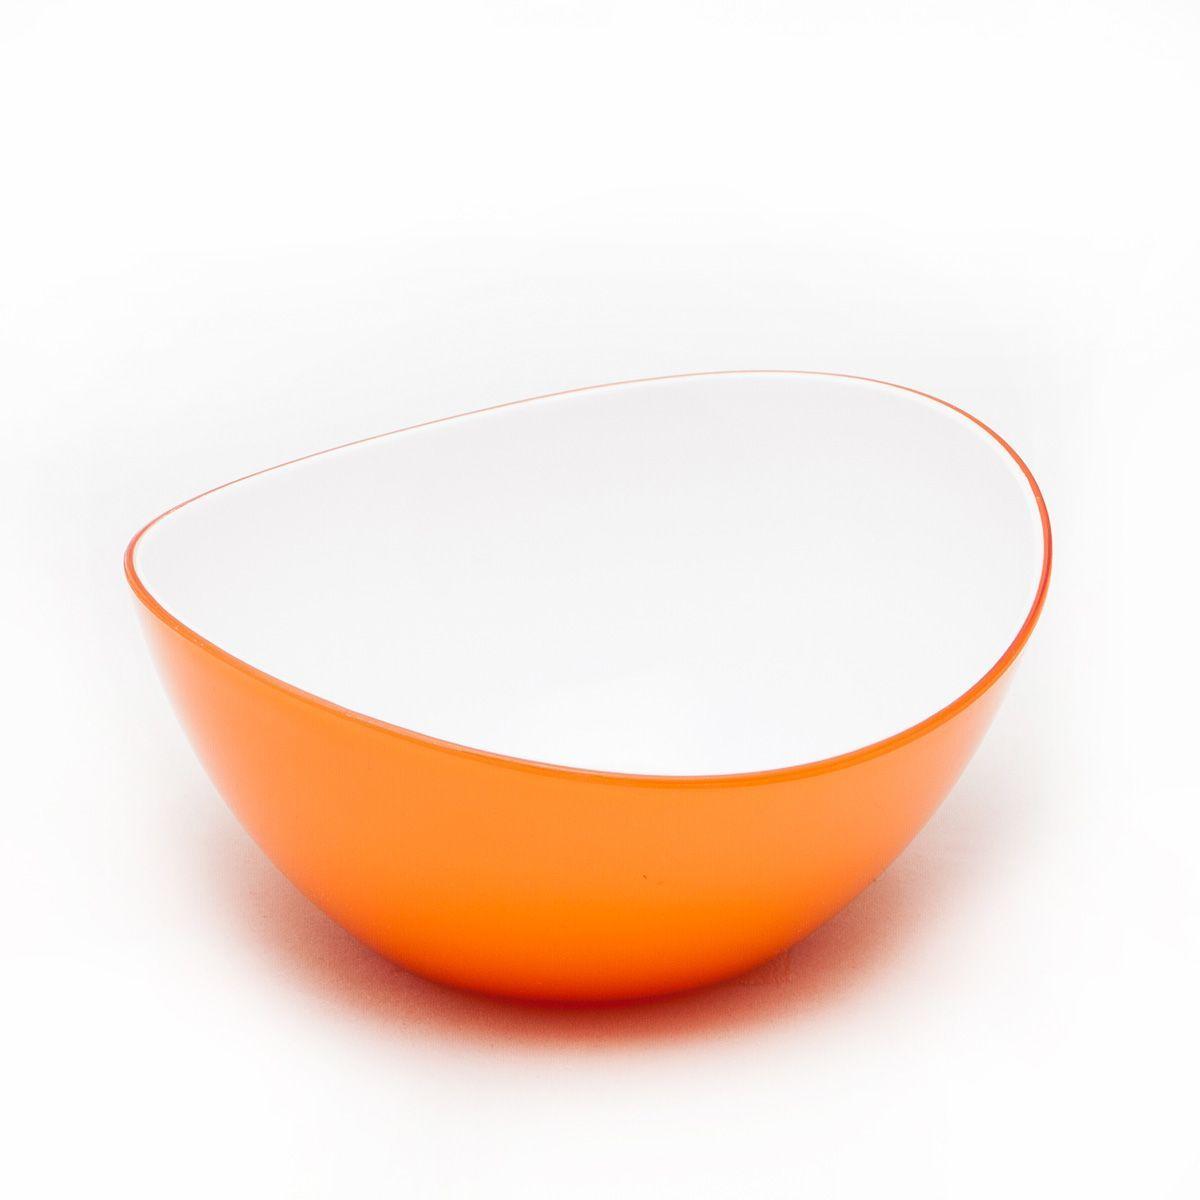 Миска MoulinVilla, цвет: оранжевый, длина 16 смL-16OМиска компании Moulinvilla изготовлена из высококачественного акрила. Благодаря оригинальному и привлекательному дизайну выполняет не только практичную, но и декоративную функцию. Белый цвет внутренней поверхности и сочный, интенсивный цвет снаружи отлично контрастируют. В ней можно сервировать салаты, фрукты, закуски, десерты, печенье, сладости и т.д. Состав: Акрил. Можно мыть в посудомоечной машине.